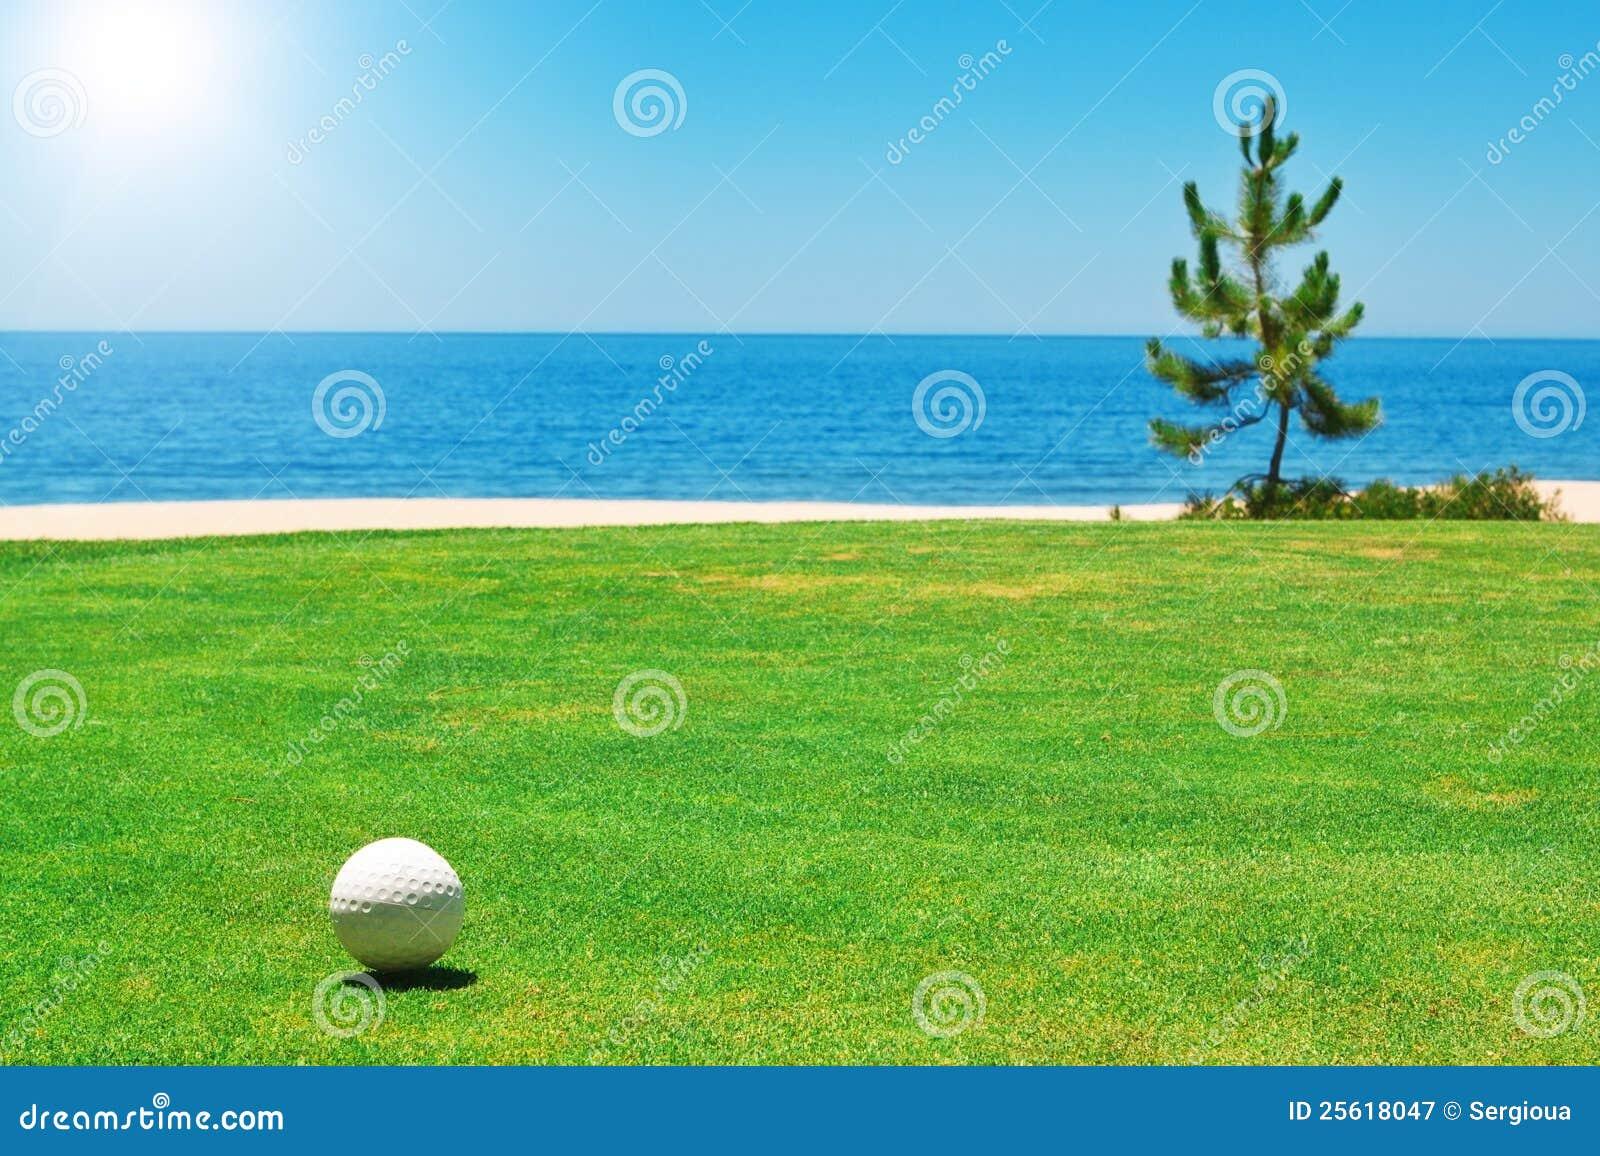 Golfbal op groen gras met de oceaan.